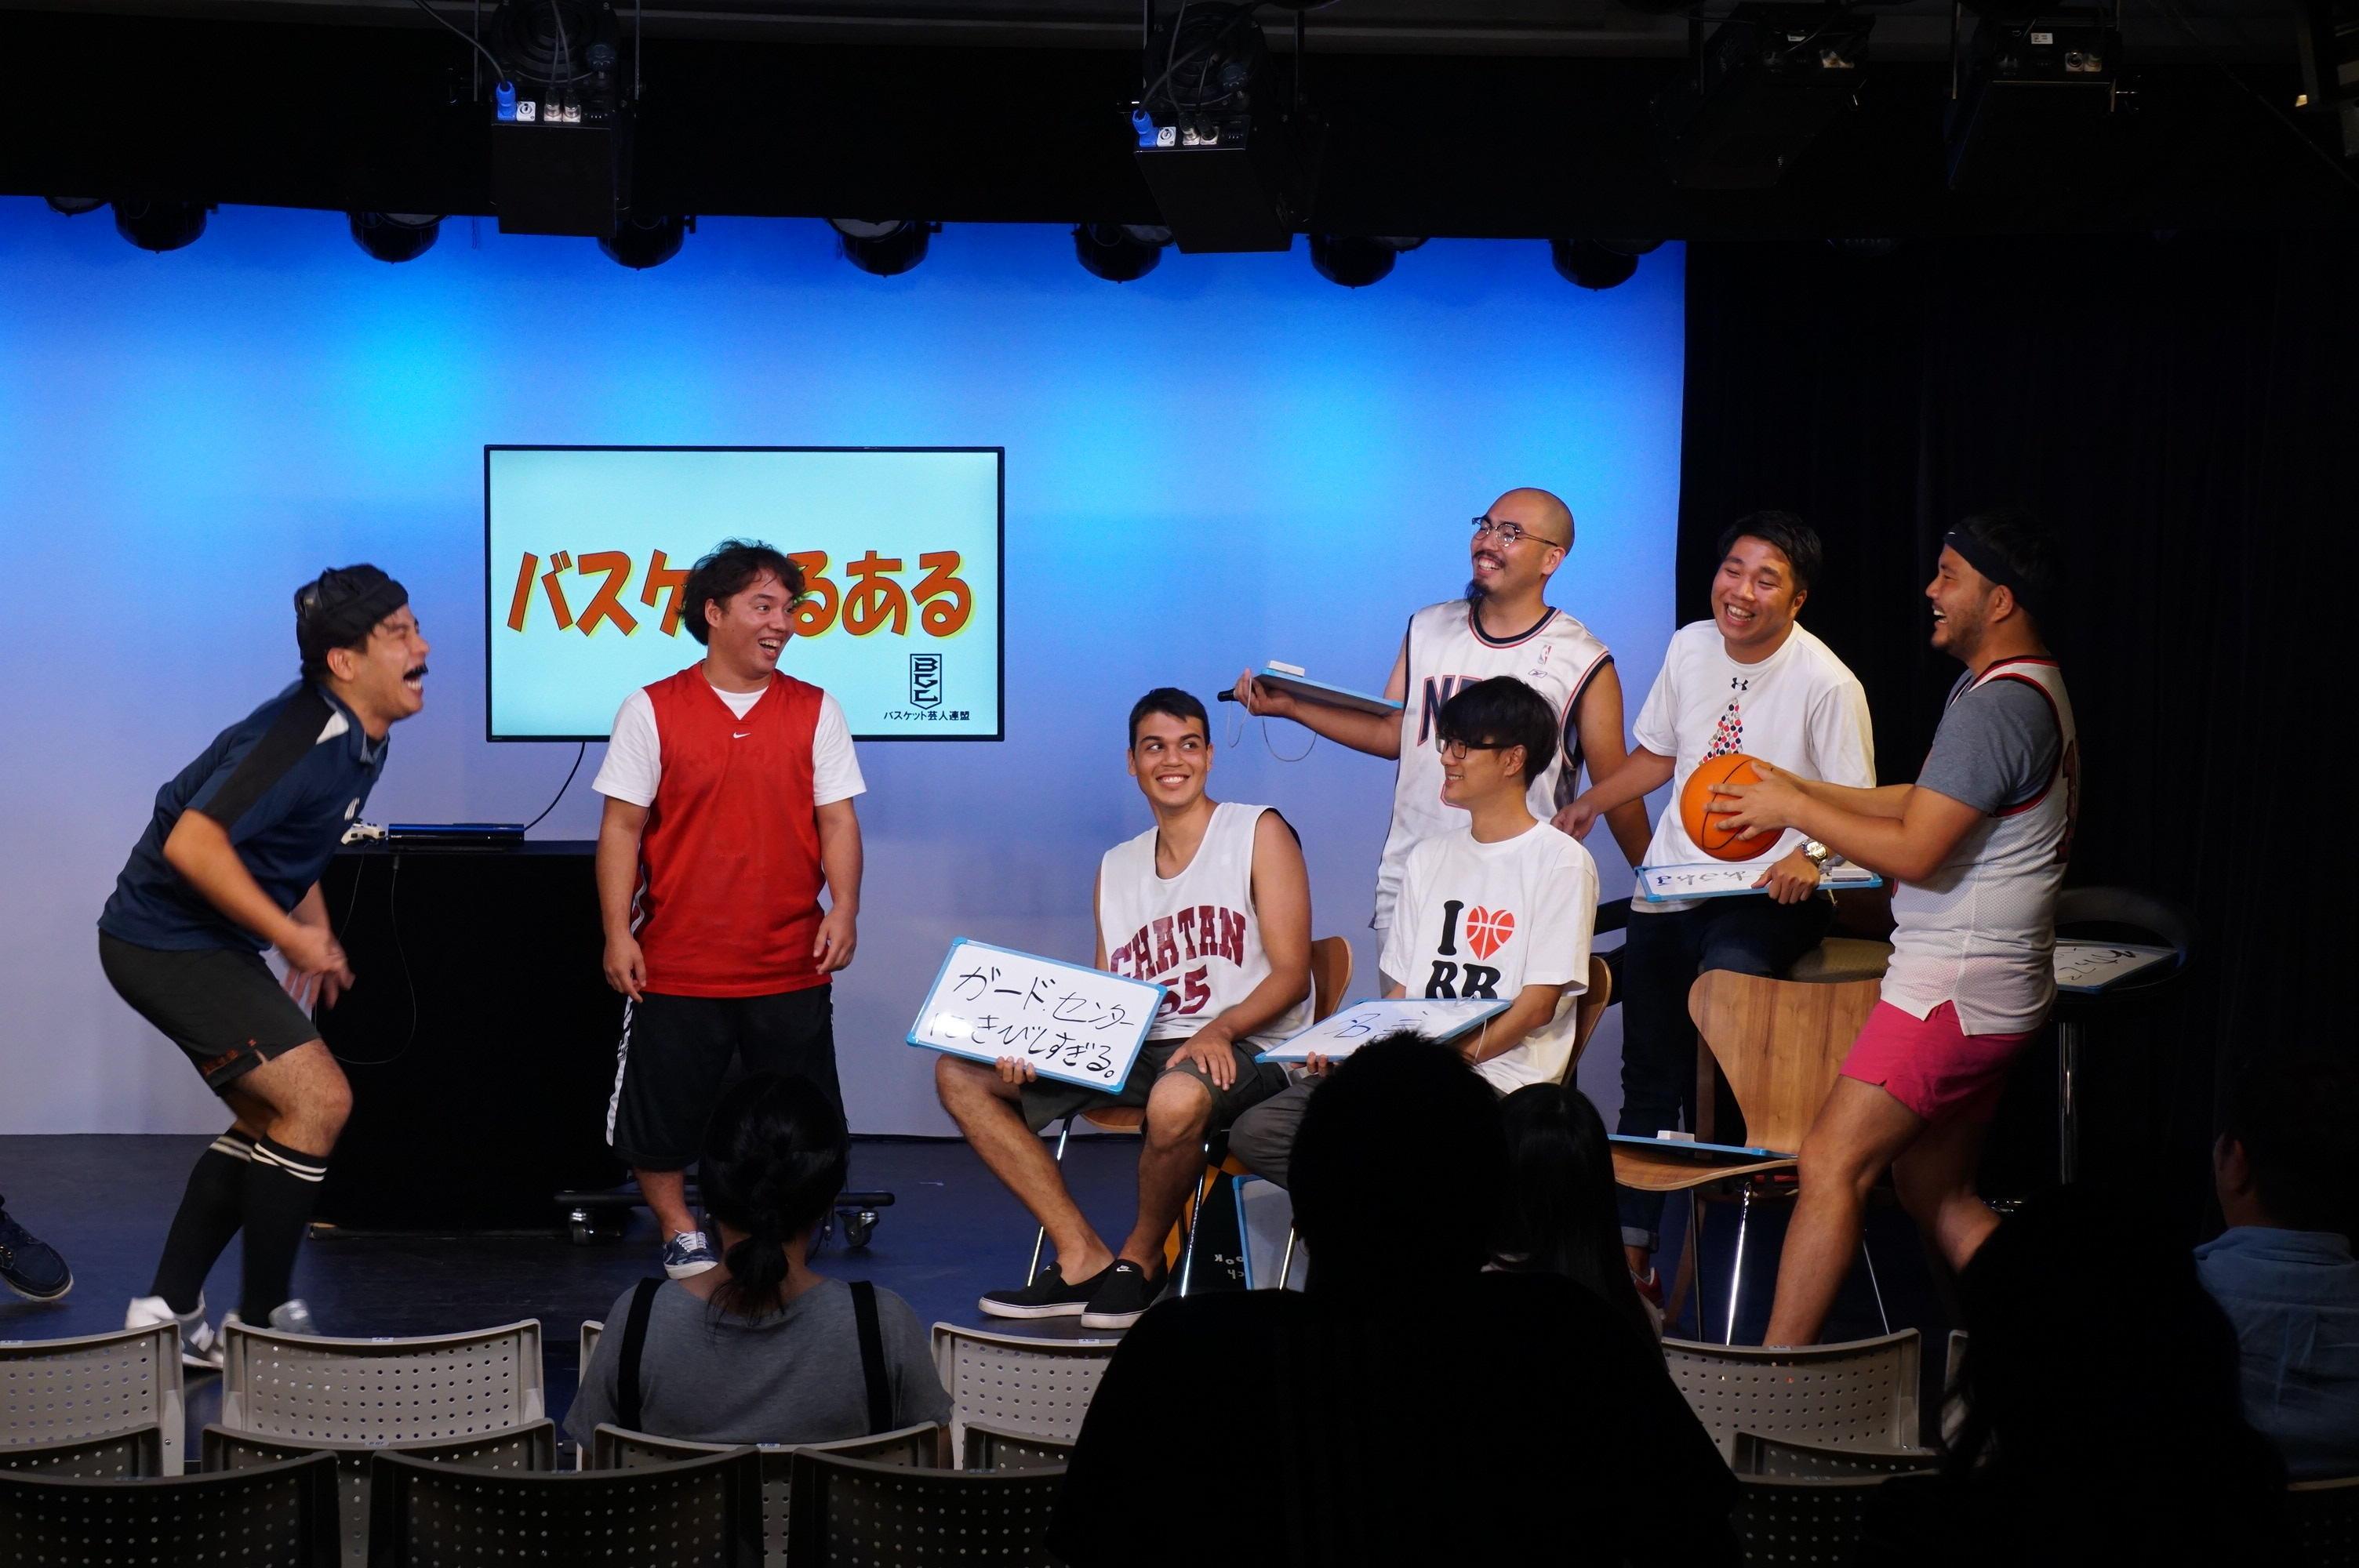 http://news.yoshimoto.co.jp/20170829170644-0a38cf566d40f2b32ffb962e974aa0fe86235476.jpg